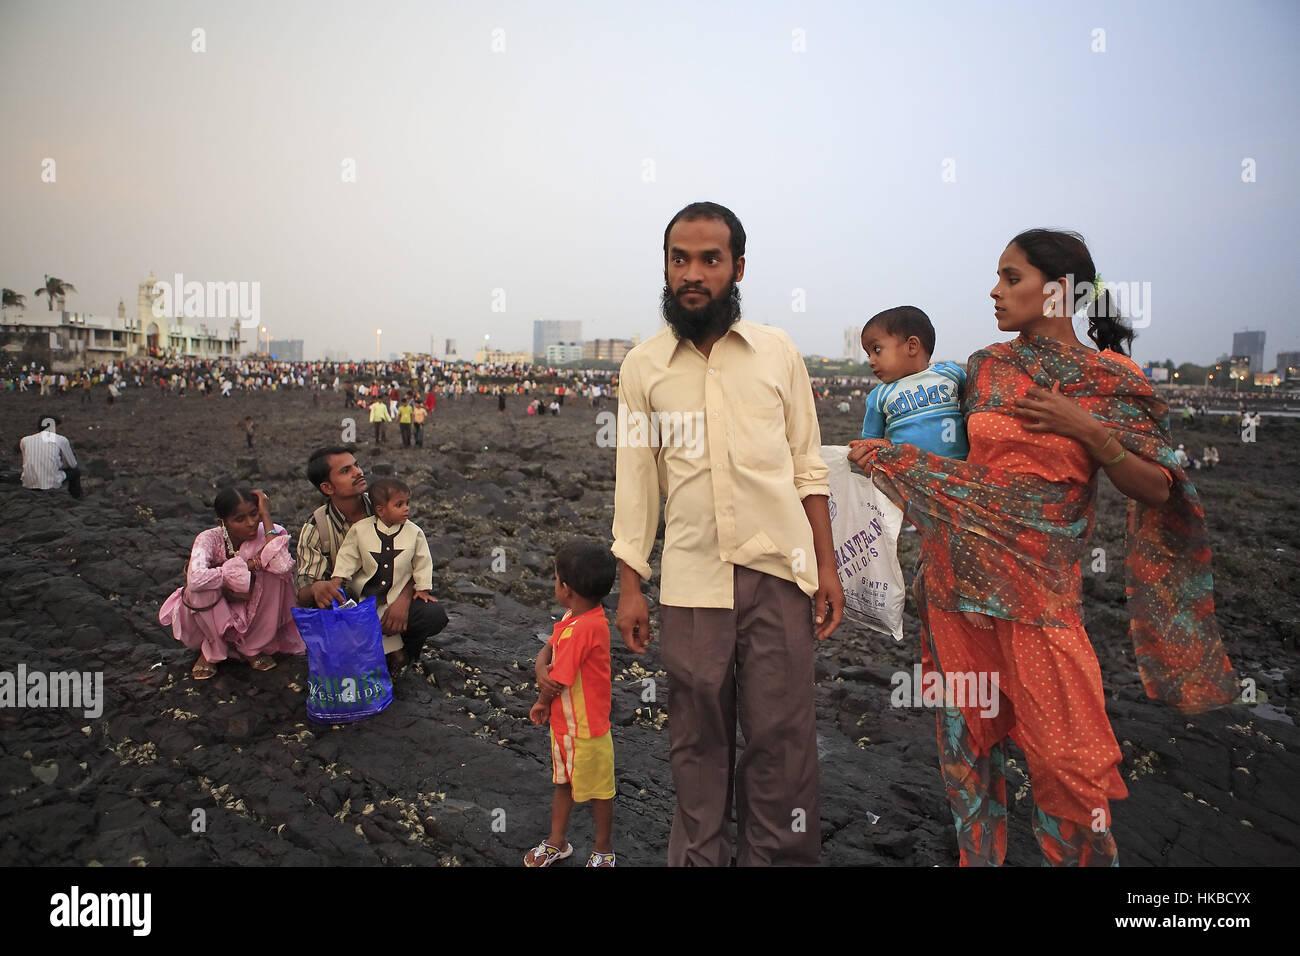 Mumbai, India. 1st Oct, 2008. 01 Oct 2008 - Mumbai - INDIA.Muslim Families at the Haji Ali Dargah at Mumbai. Credit: - Stock Image